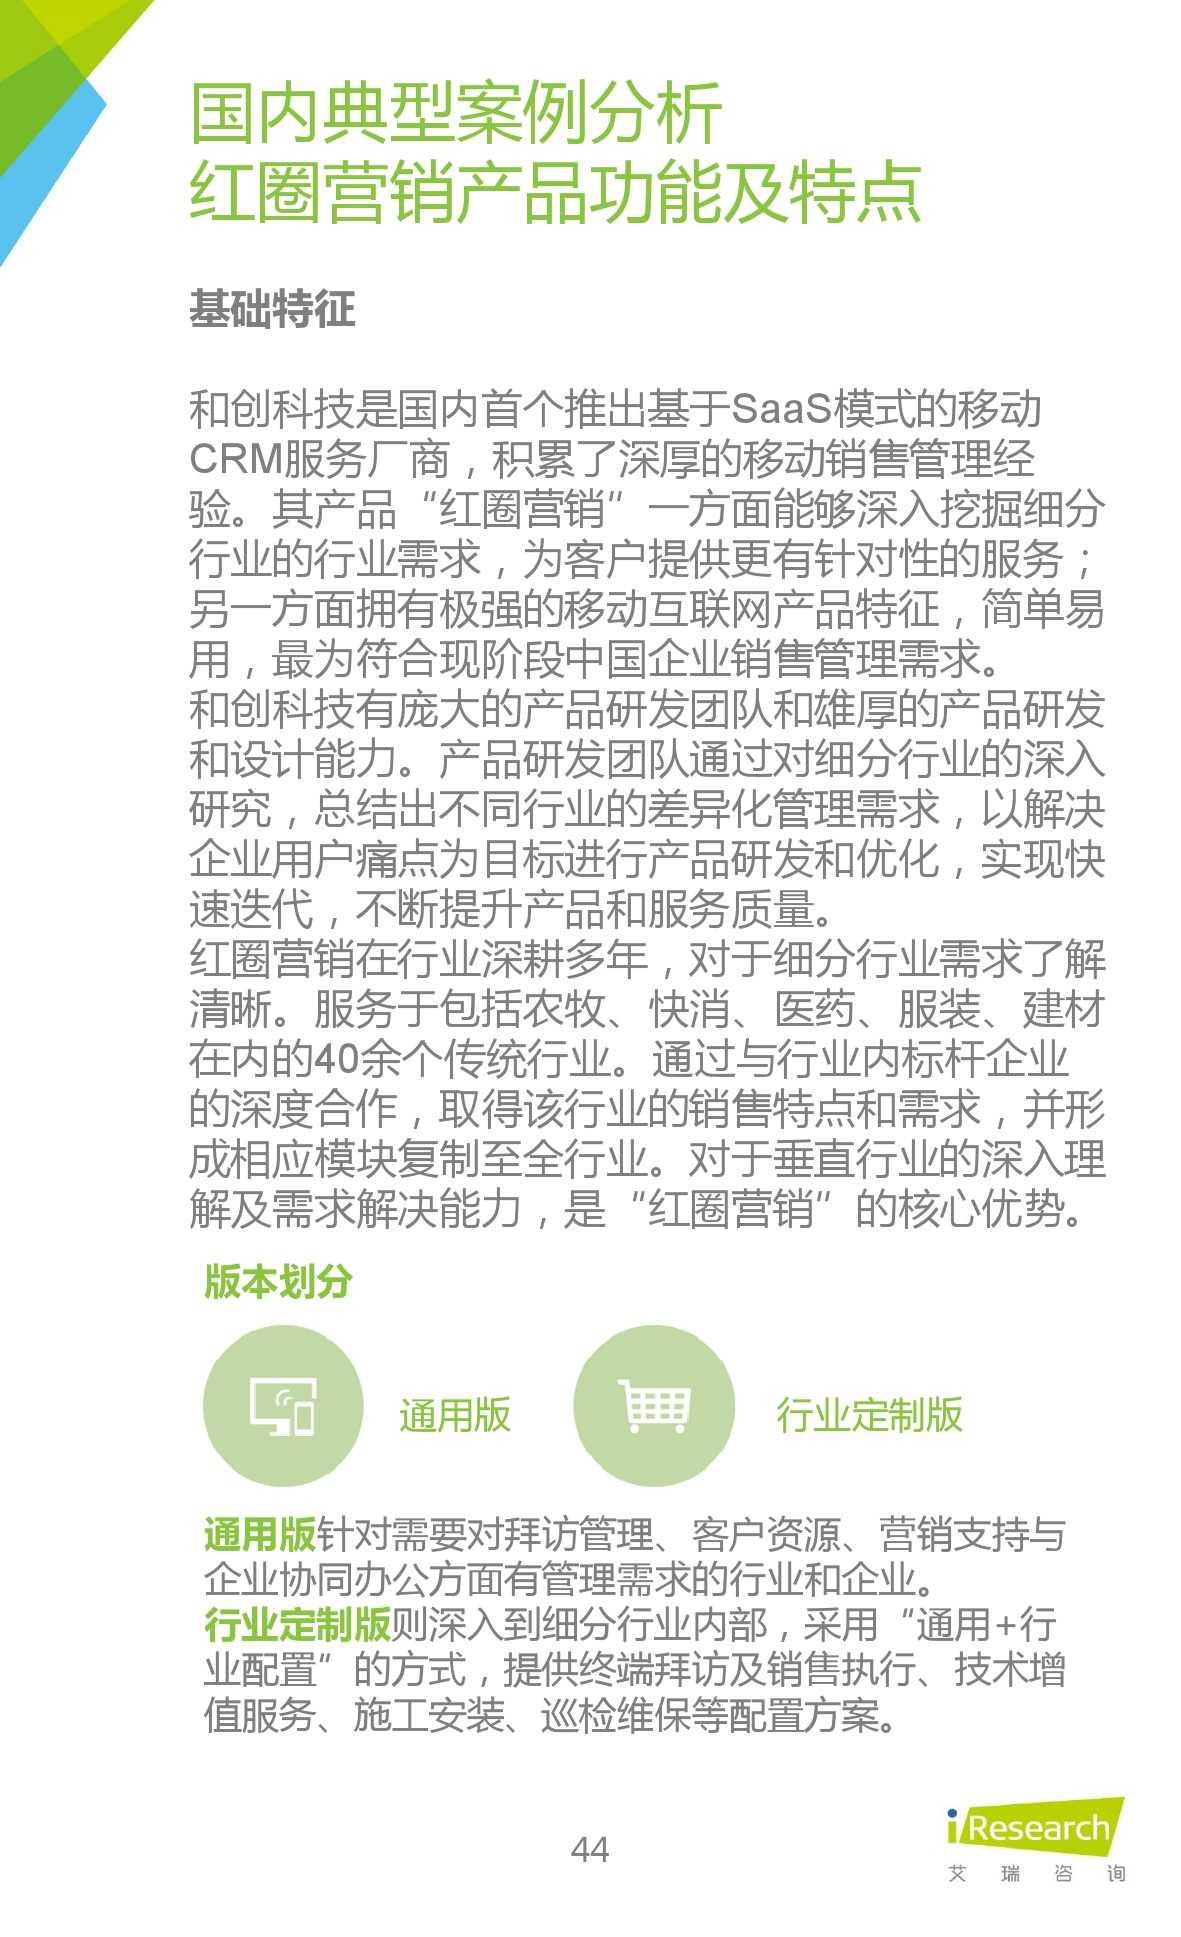 2015年中国移动销售CRM行业研究报告_000044